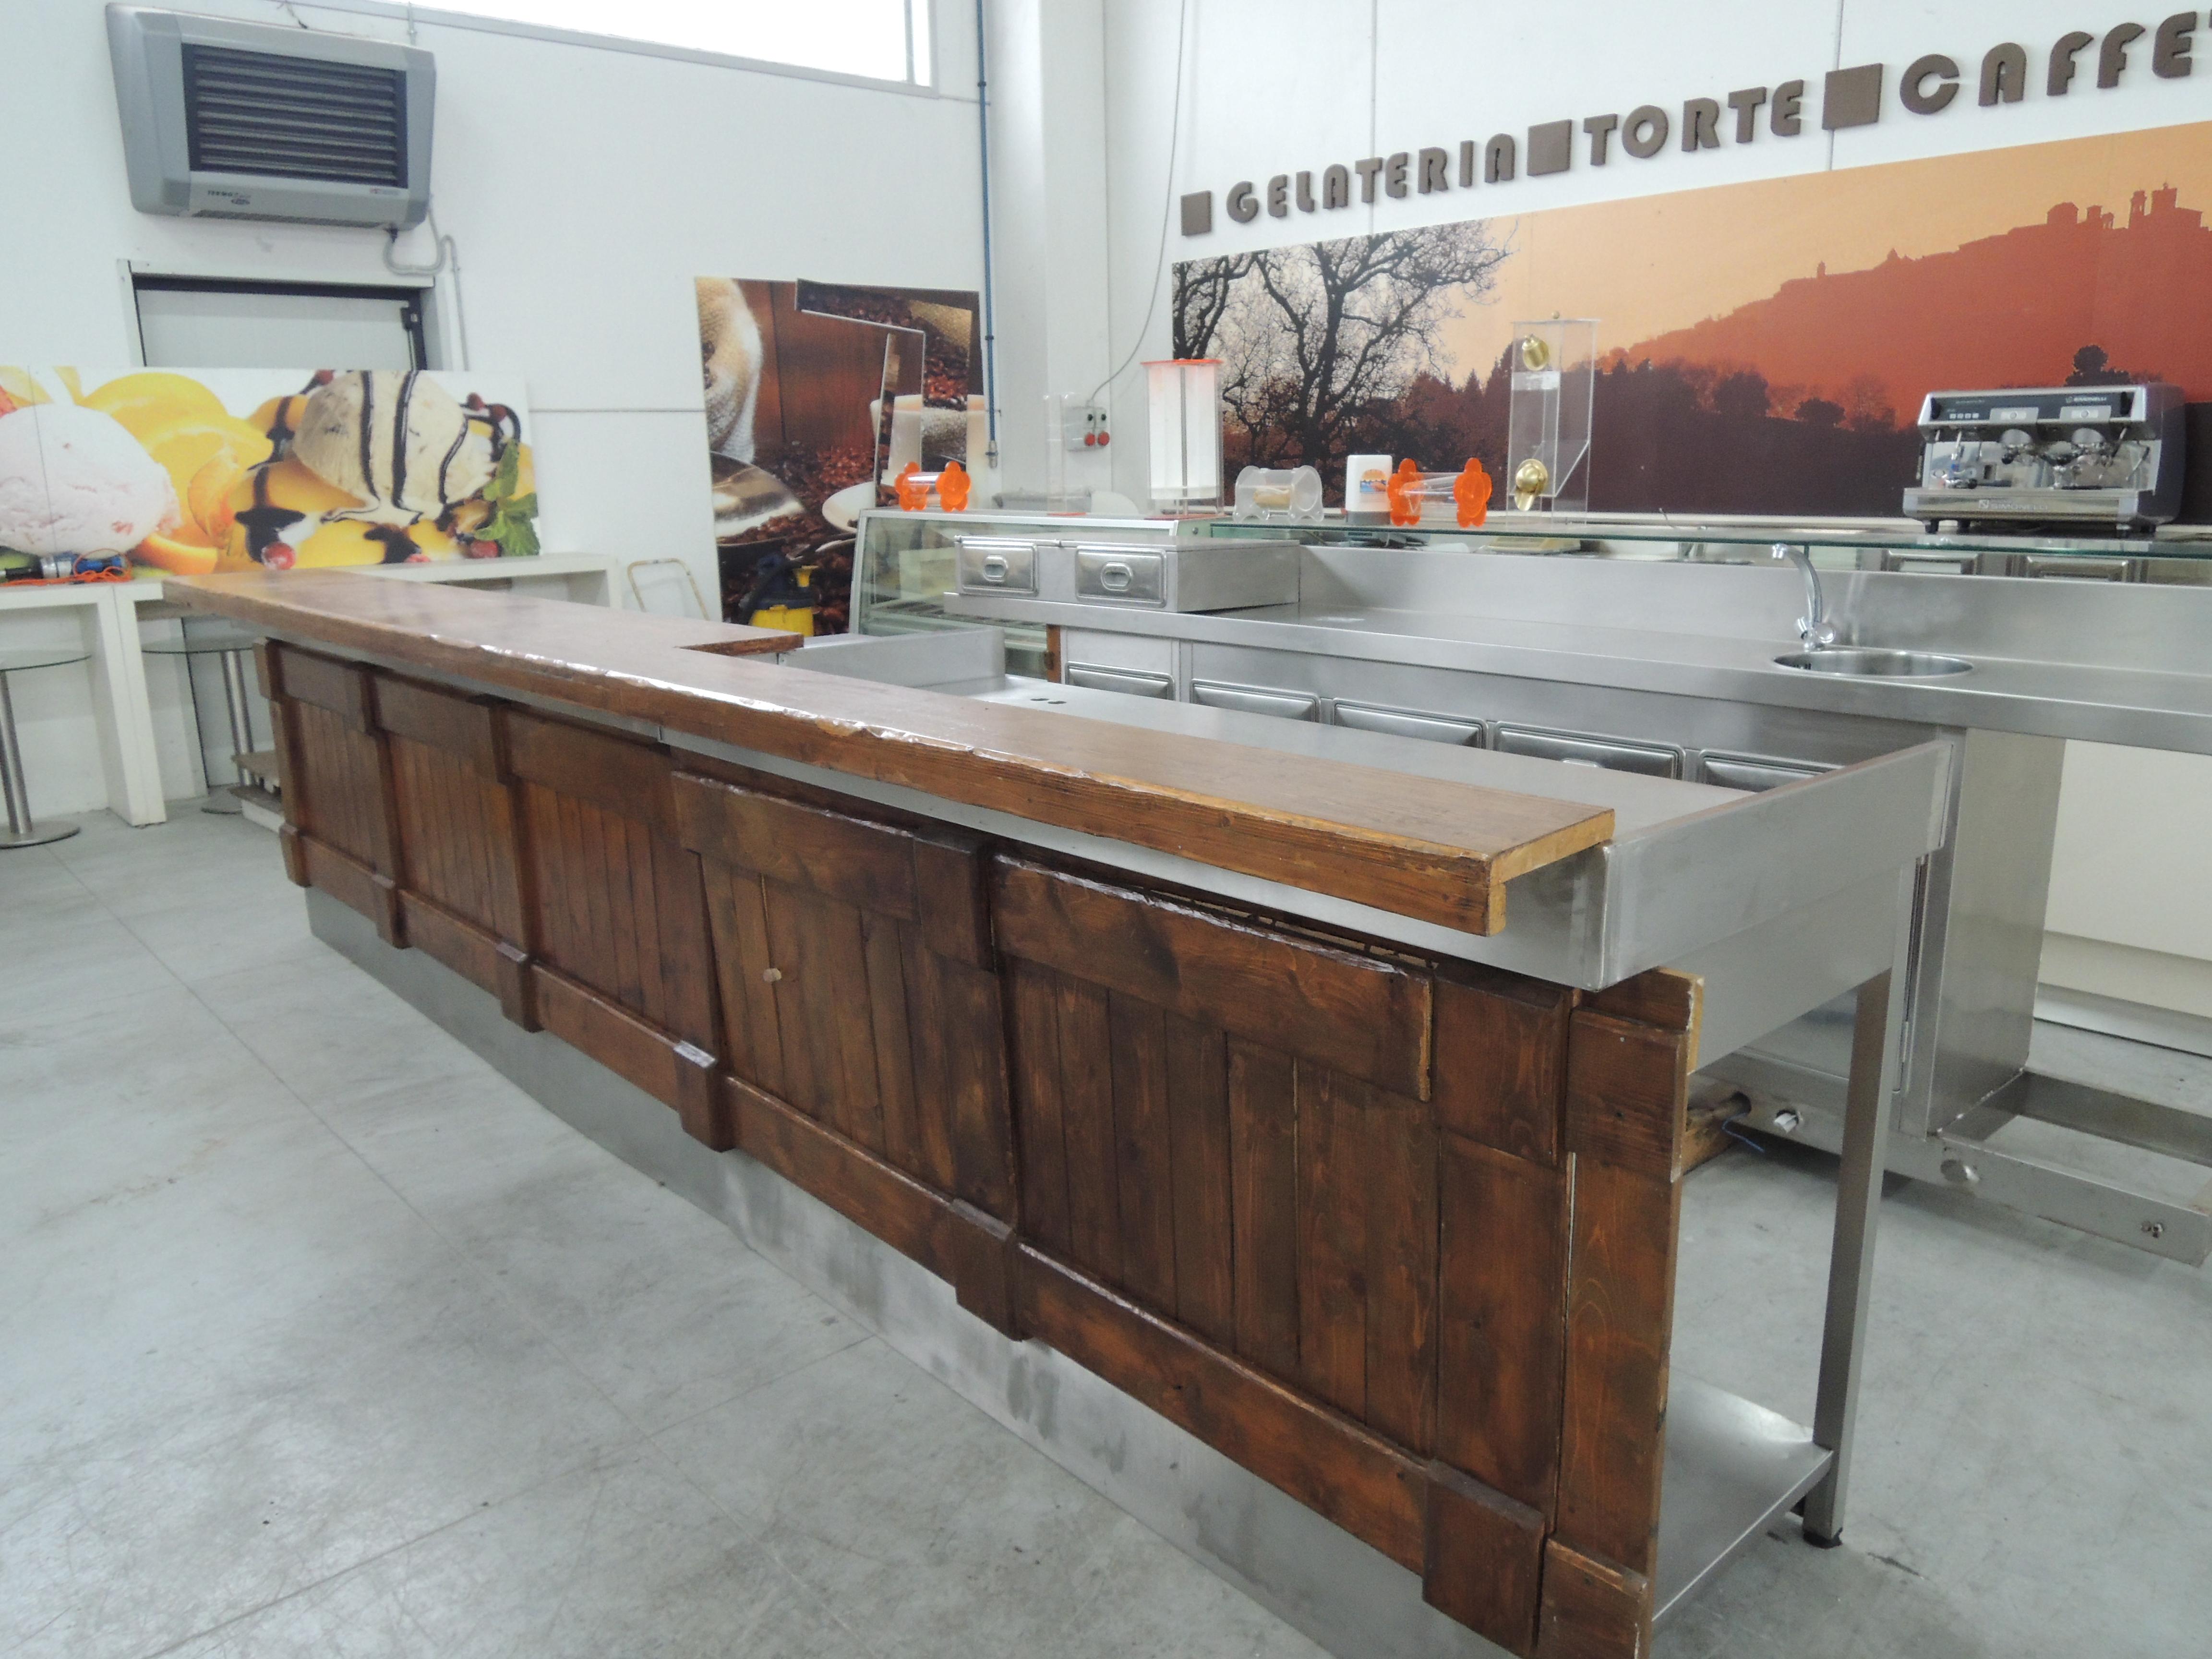 Bancone bar ar 310 02 vendita bancone bar usato for Ristrutturare bancone bar